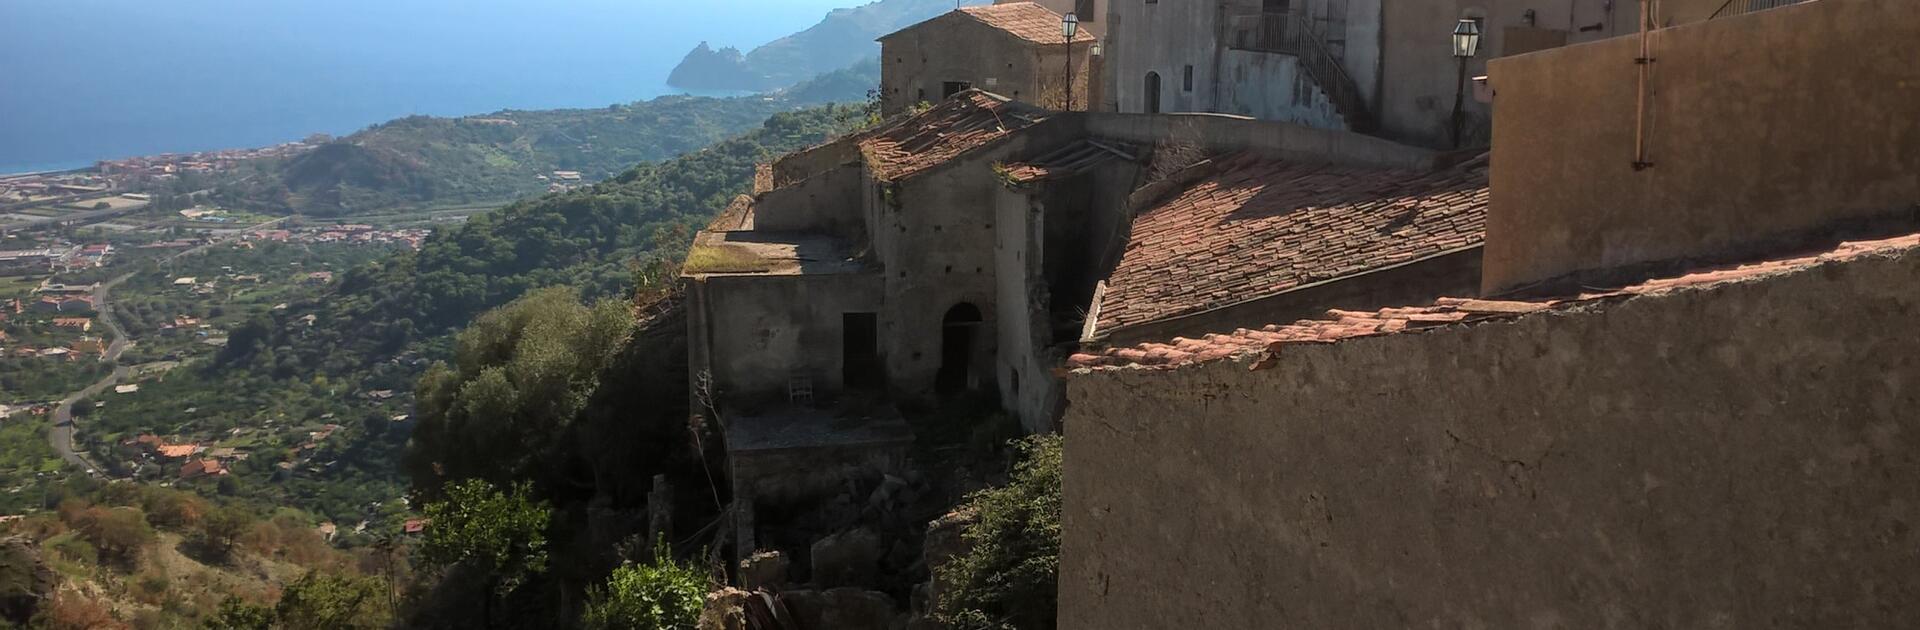 Savoca und Forza d'Agrò. Die Orte des Paten